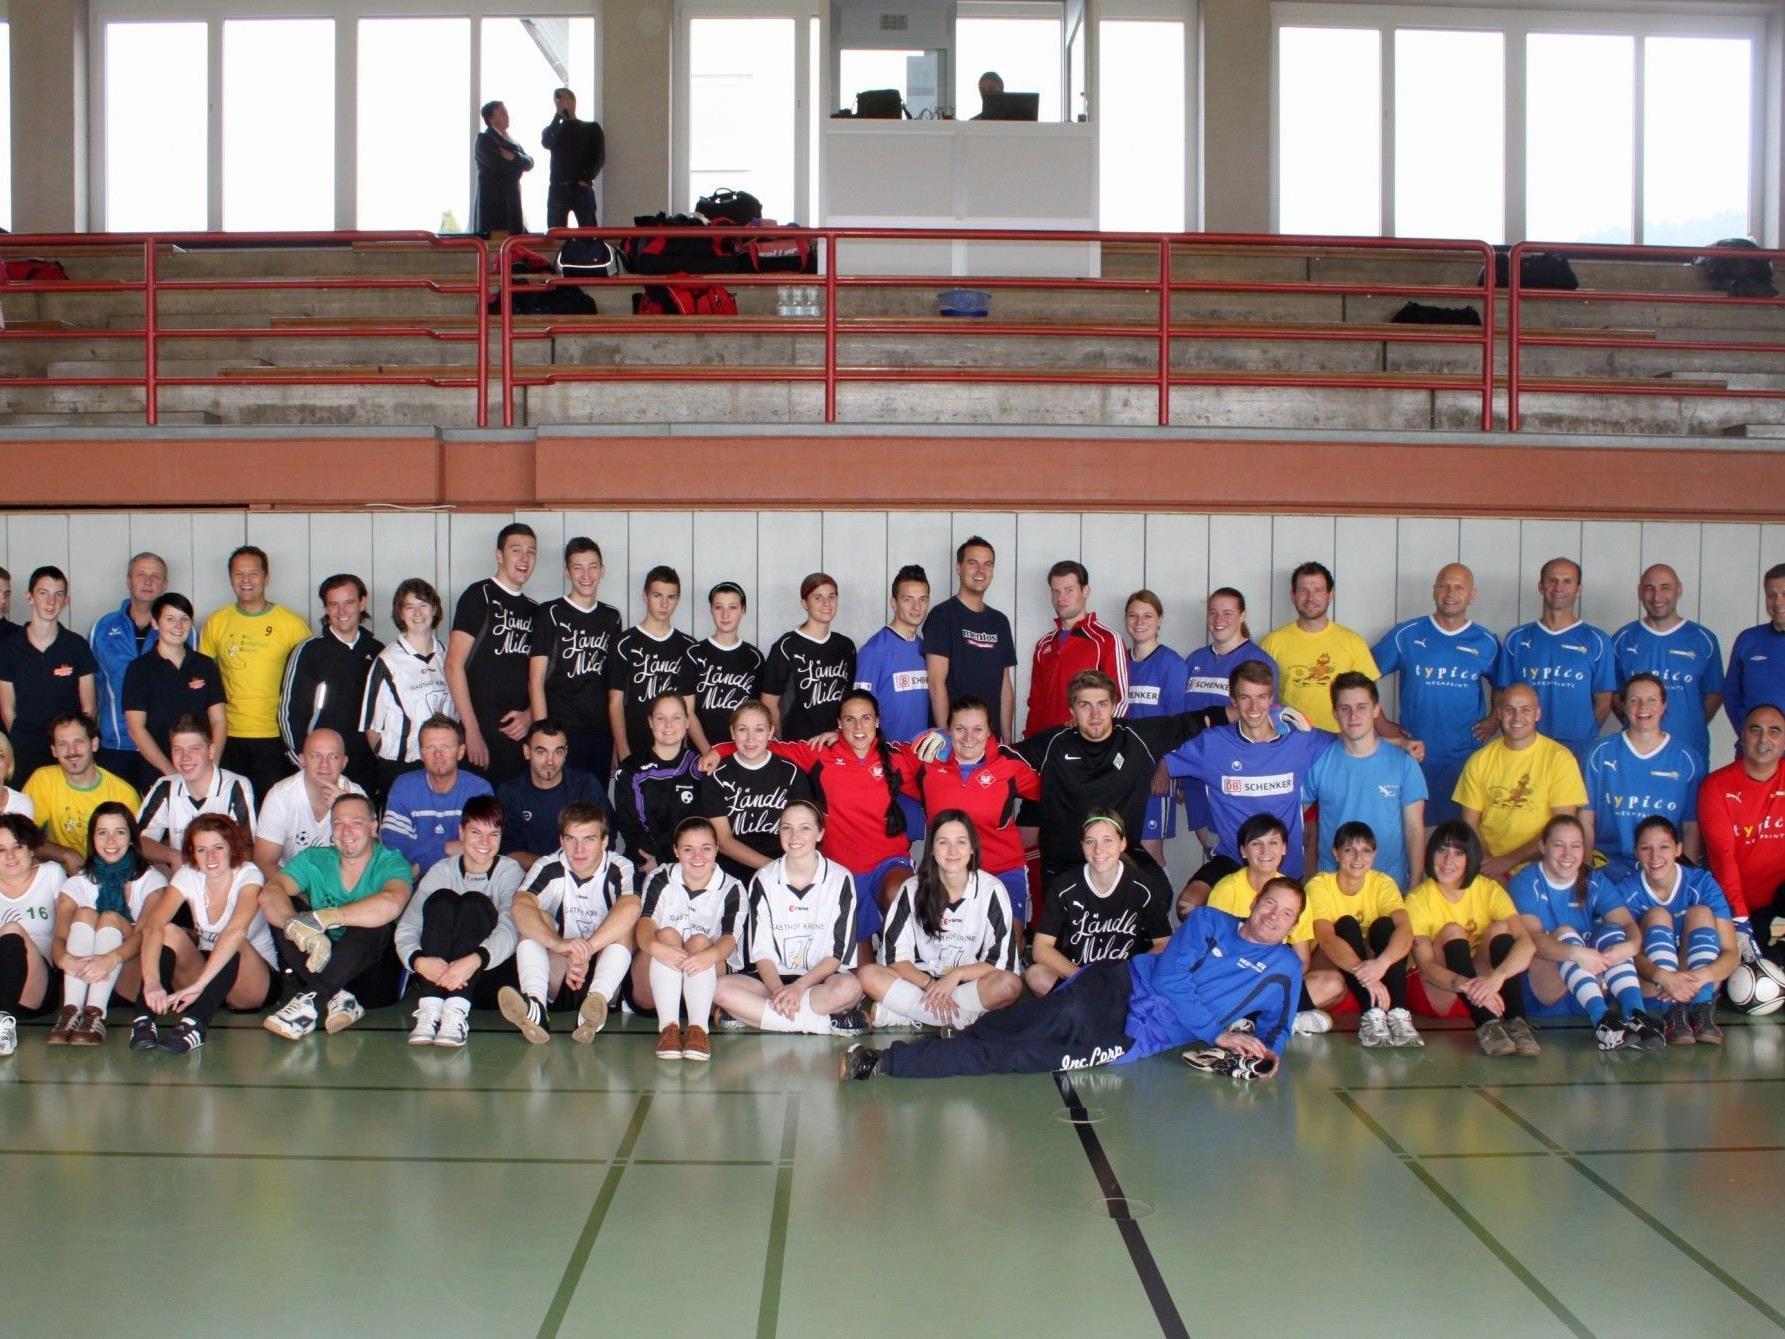 """Fußballturnier für einen guten Zweck: Das """"Turnier des Herzens 2012"""" wurde zu einem großartigen Erfolg."""